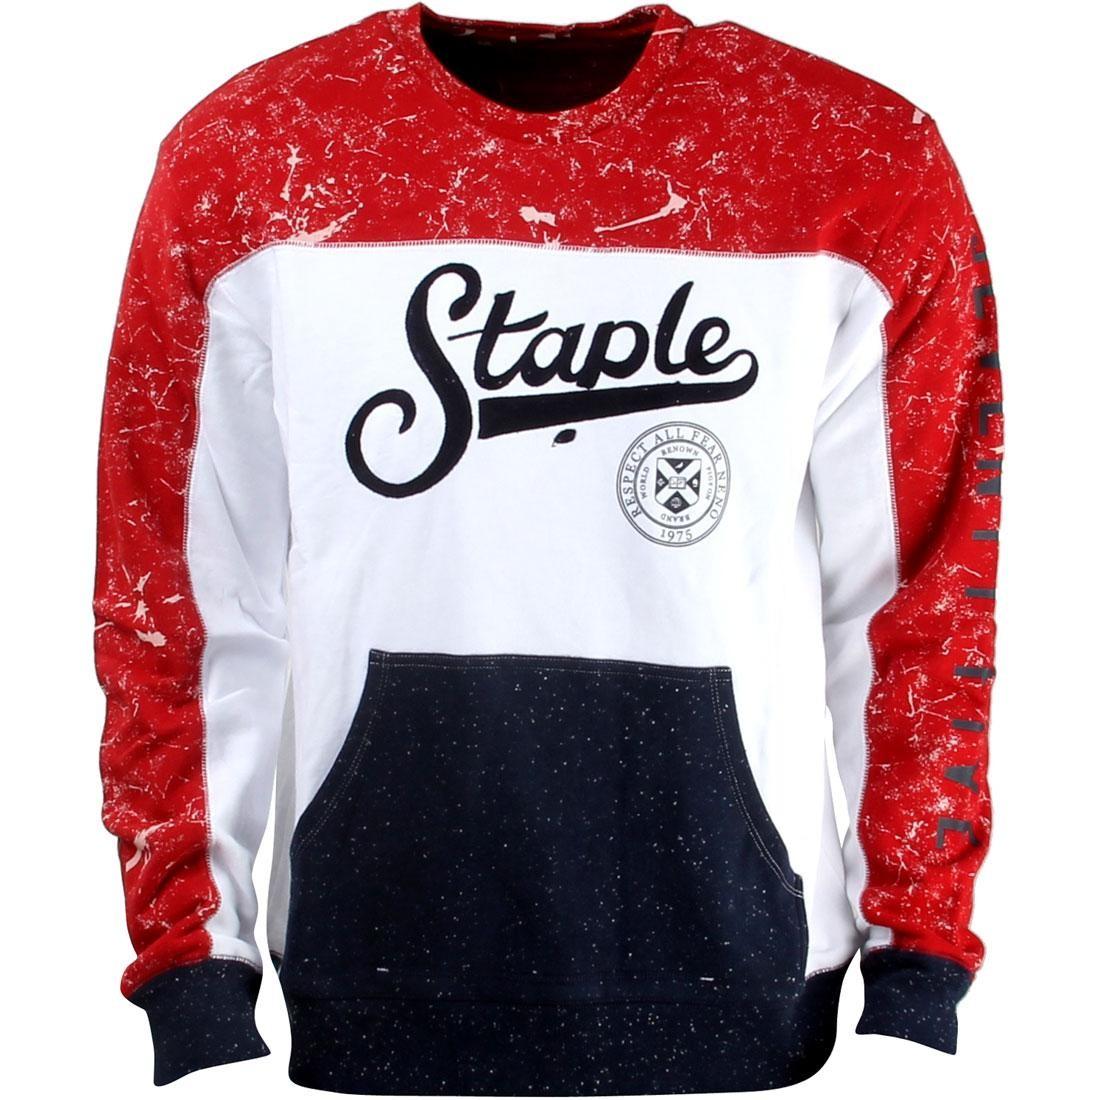 【スーパーセール中! 6/11深夜2時迄】メンズファッション トップス Tシャツ カットソー メンズ 【 Staple Maltese Crewneck Sweater (white) 】 White